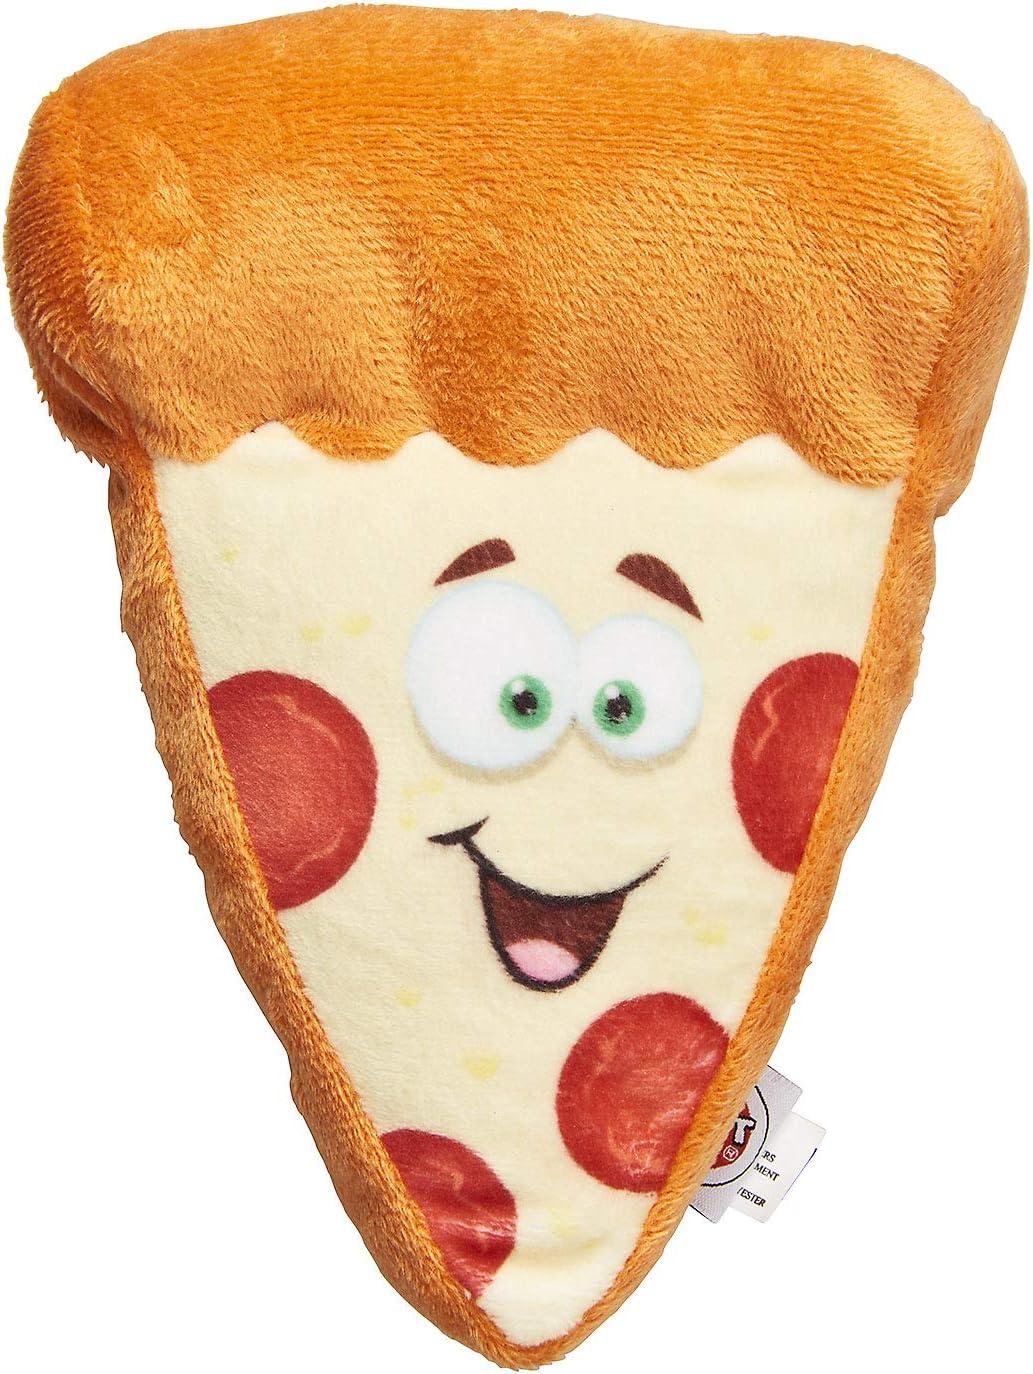 SPOT Fun Food Pizza 6.5